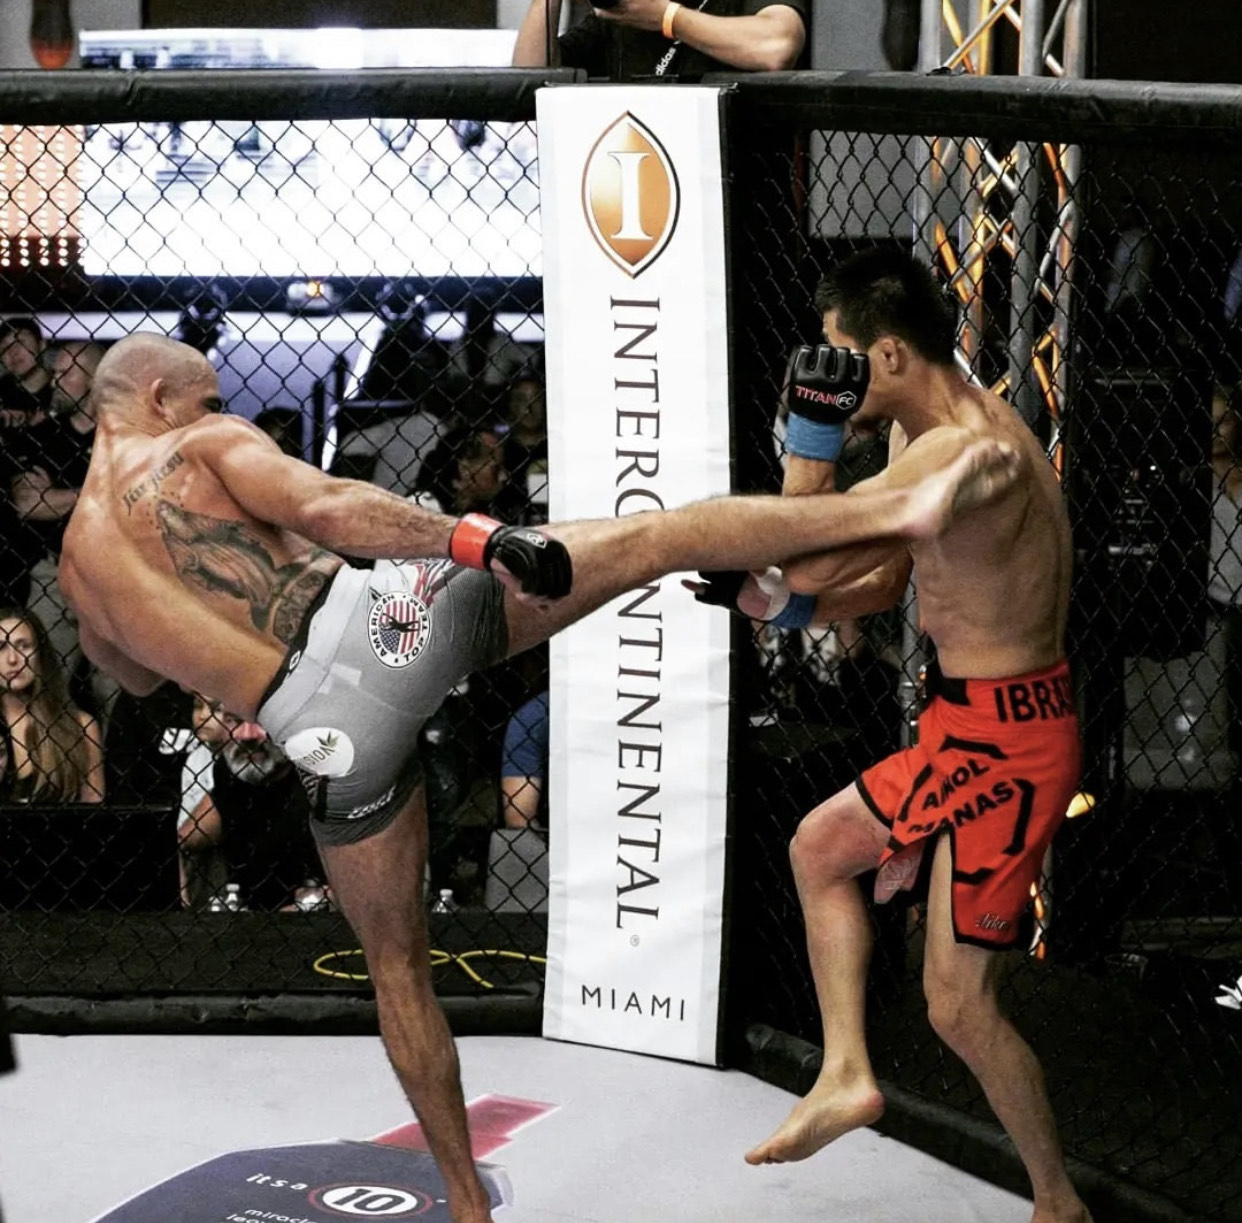 Victor Dias encaixa golpe certeiro no oponente: lutador domina luta e conquista a vitória no terceiro round